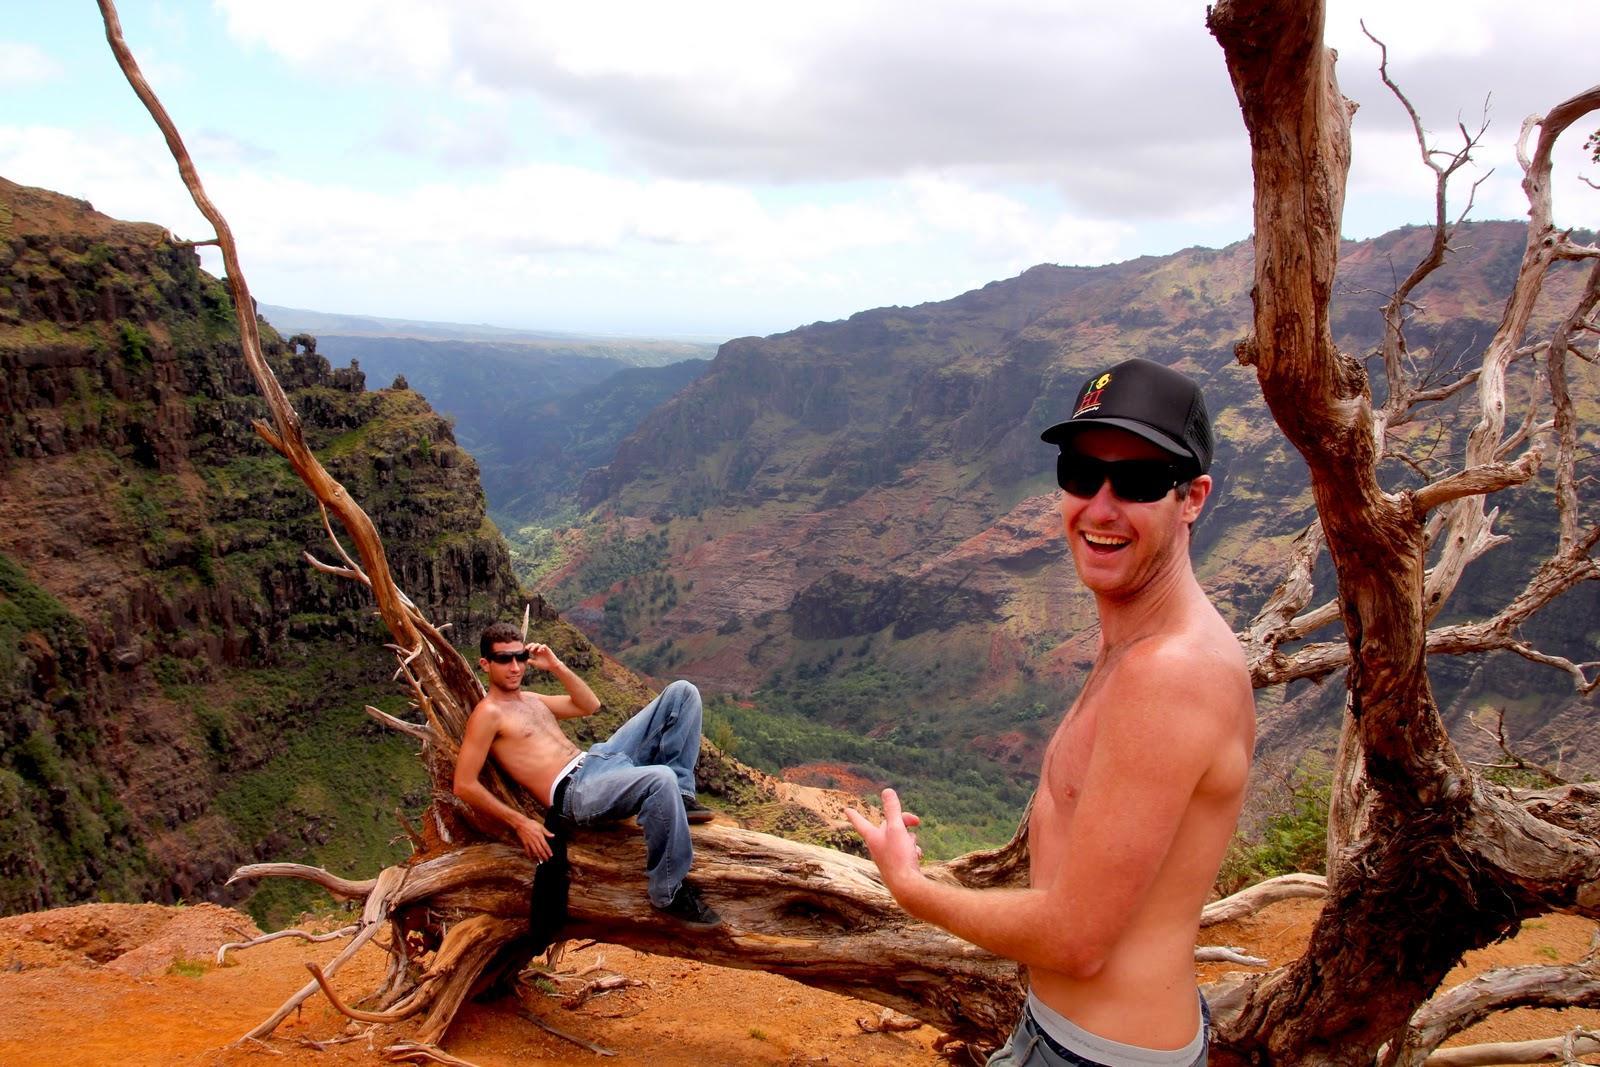 from Thomas gay in kauai